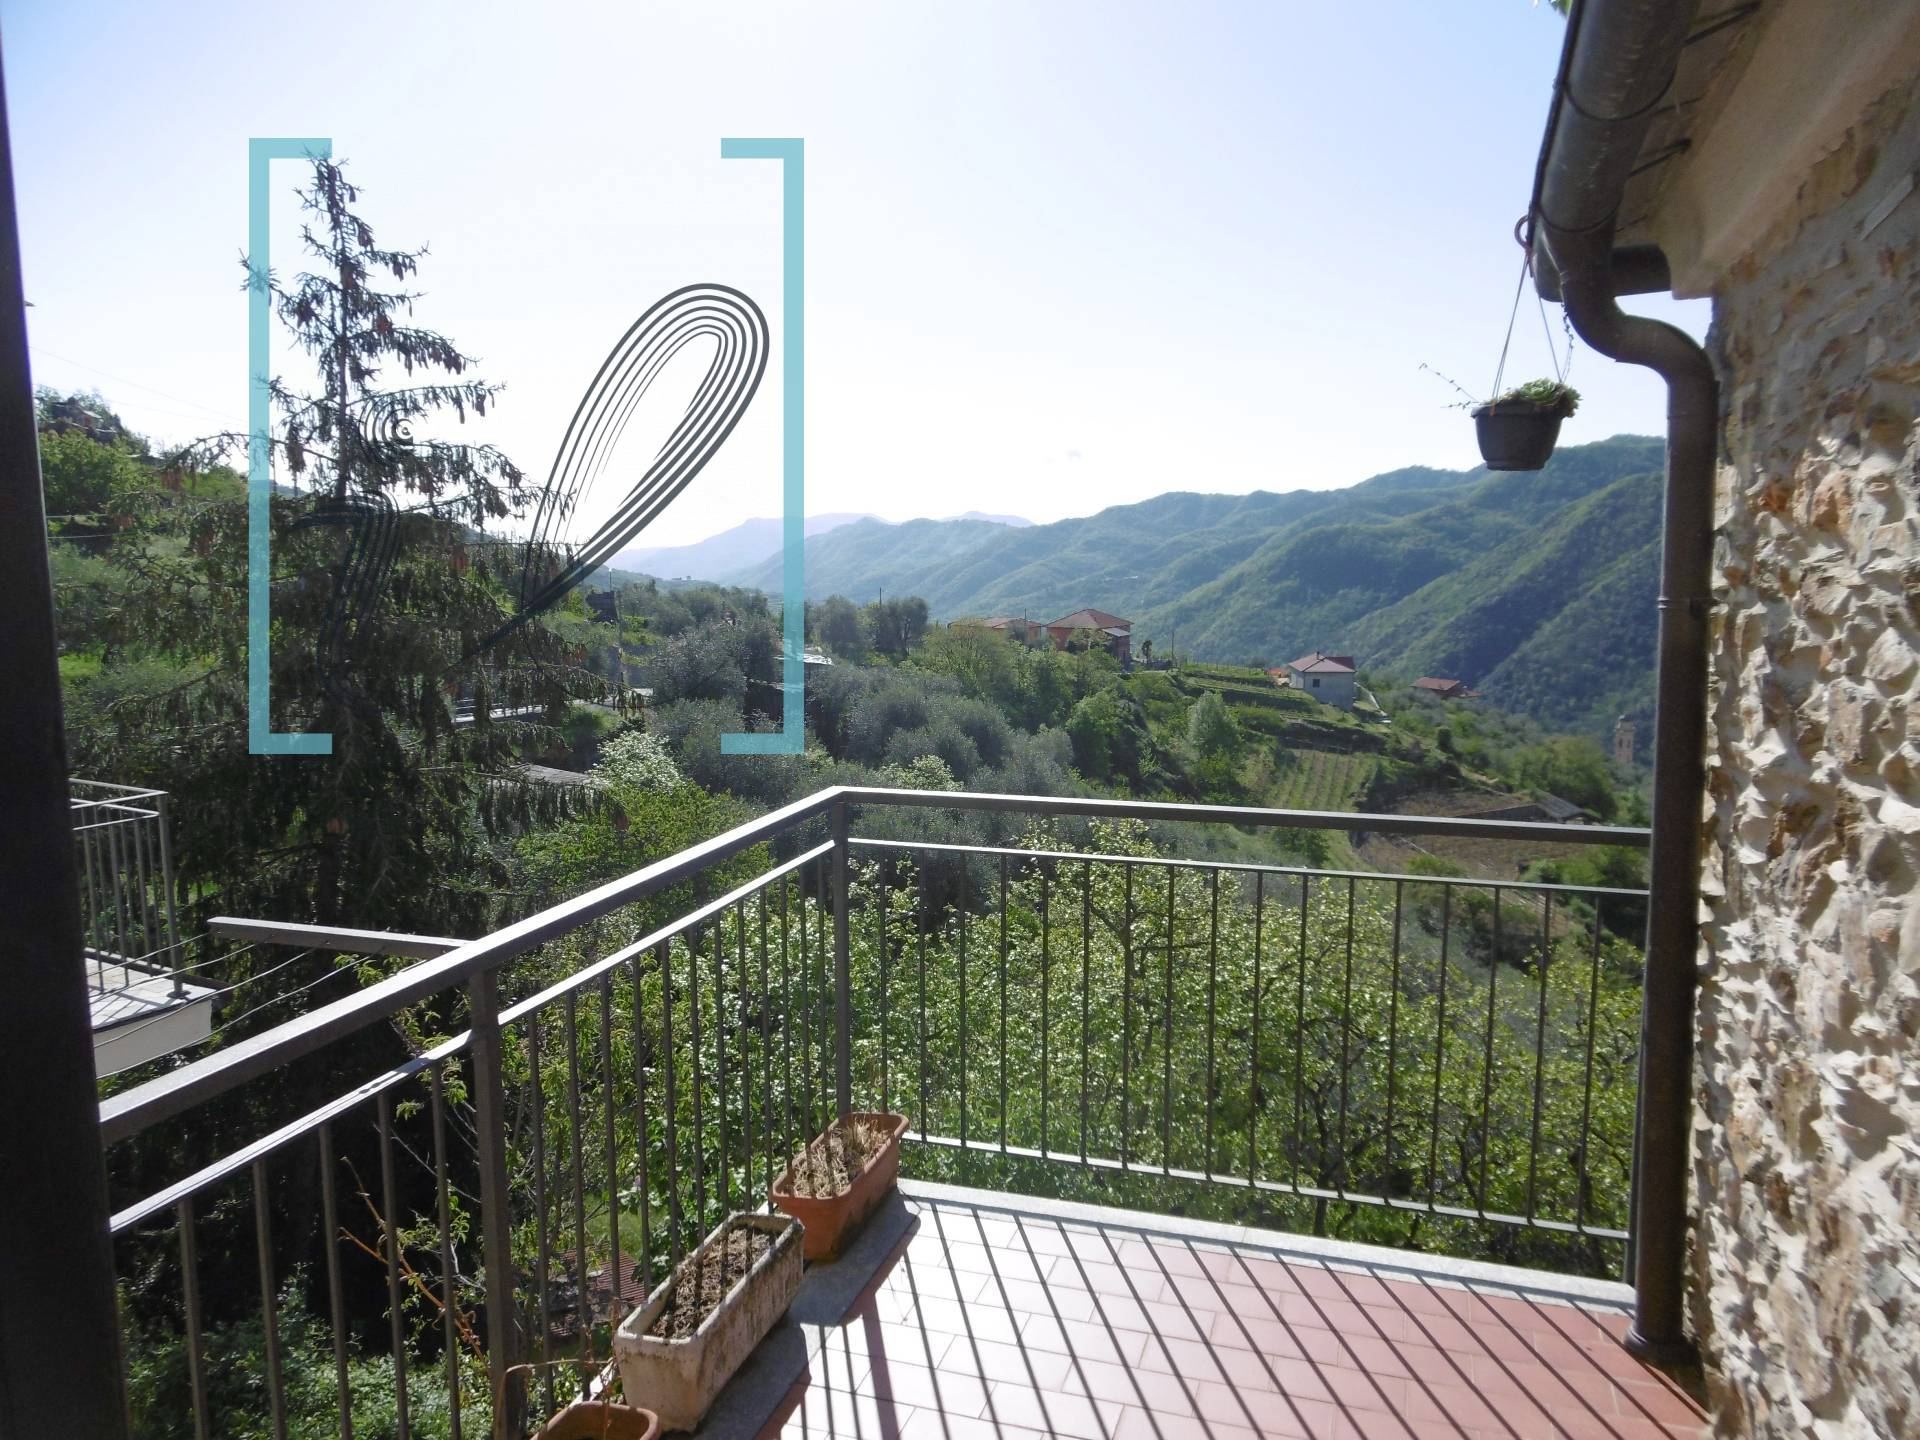 Rustico / Casale in vendita a Ranzo, 4 locali, prezzo € 68.000   CambioCasa.it